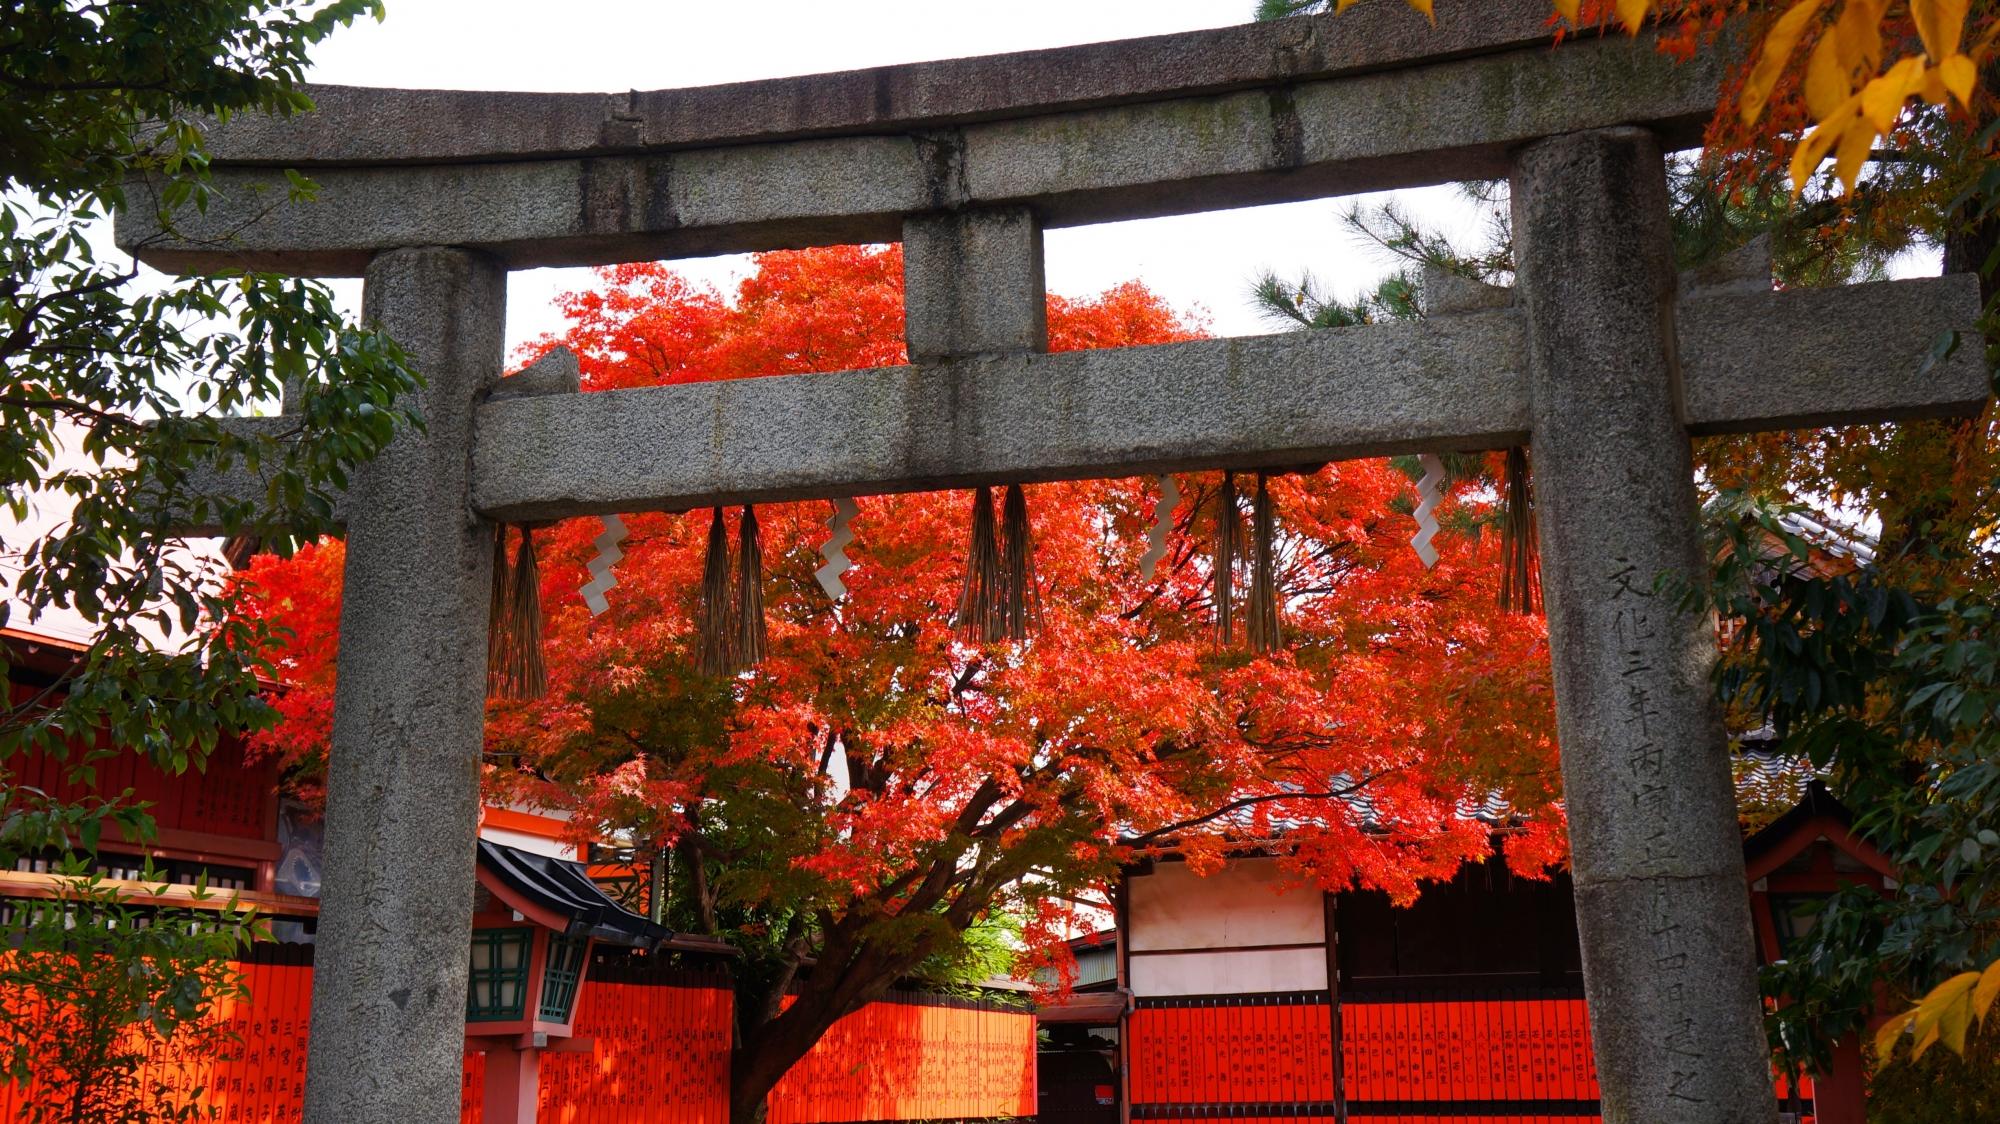 鳥居の向こうで華やぐ鮮やかな赤い紅葉